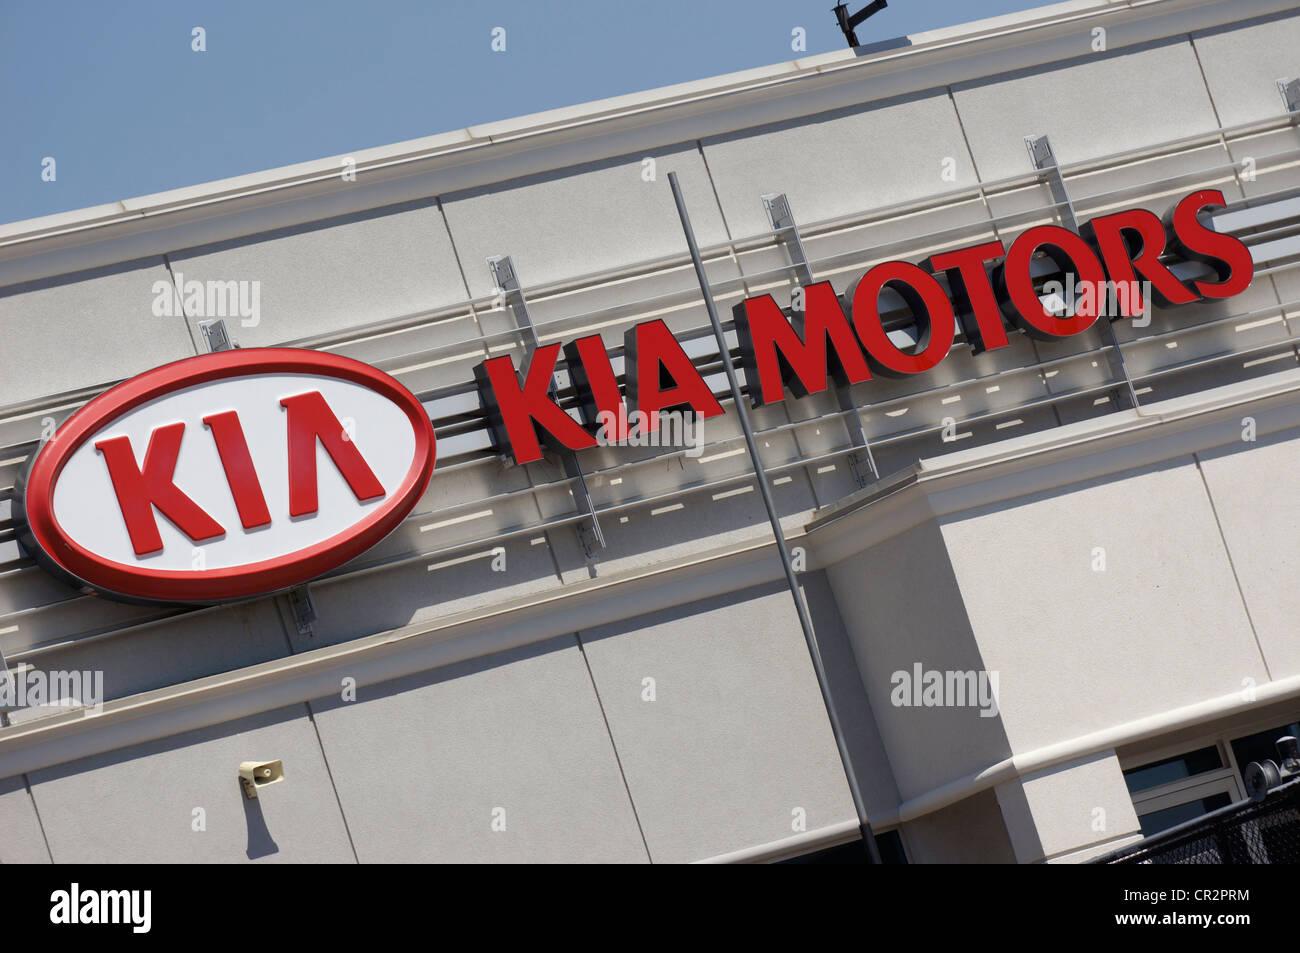 KIA Motors - Stock Image